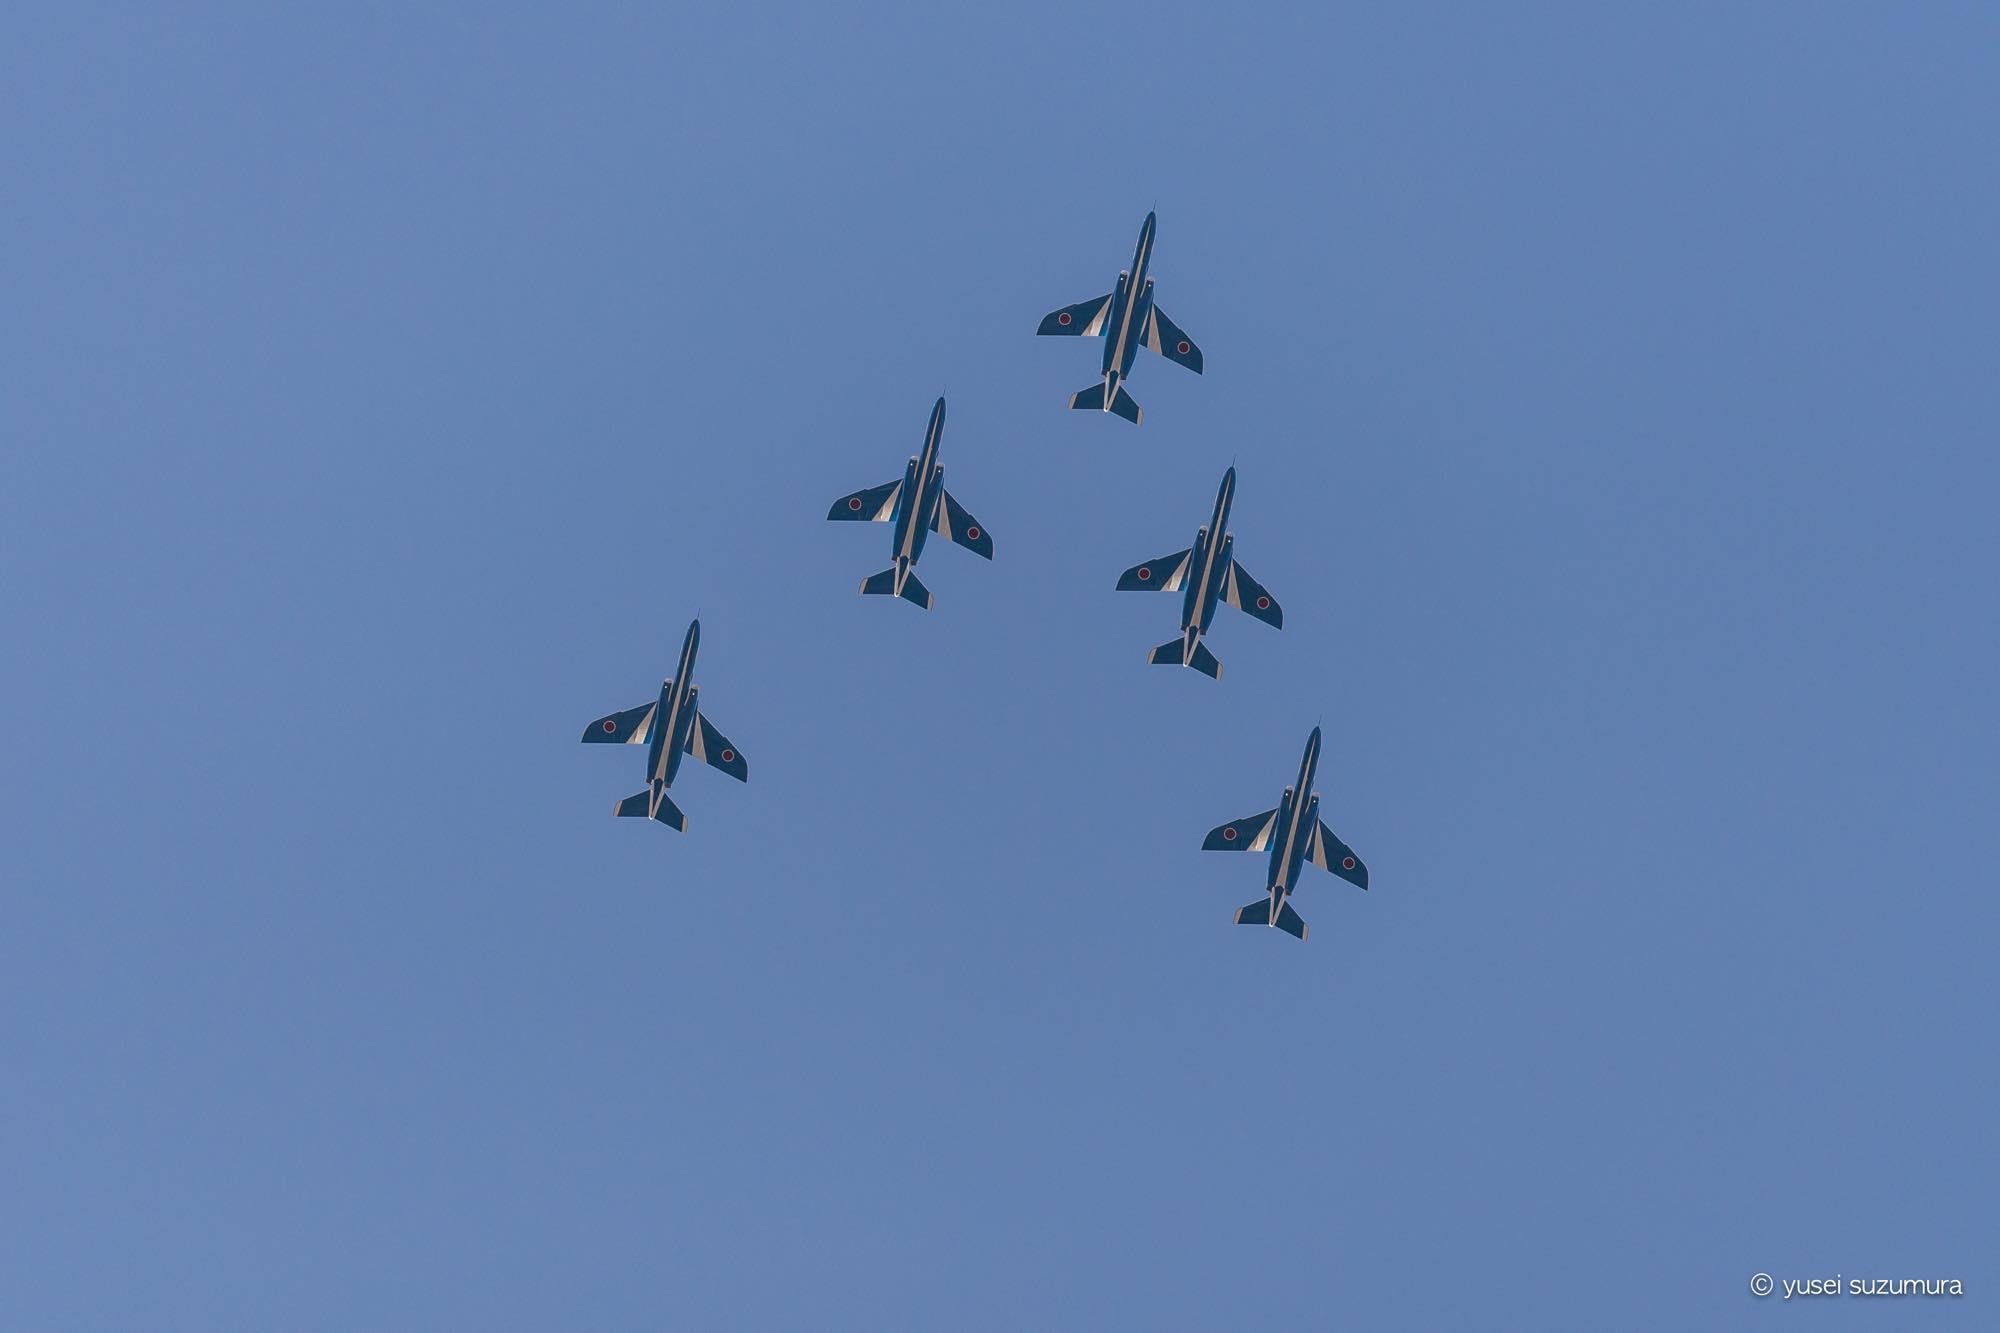 ブルーインパルス 展示飛行